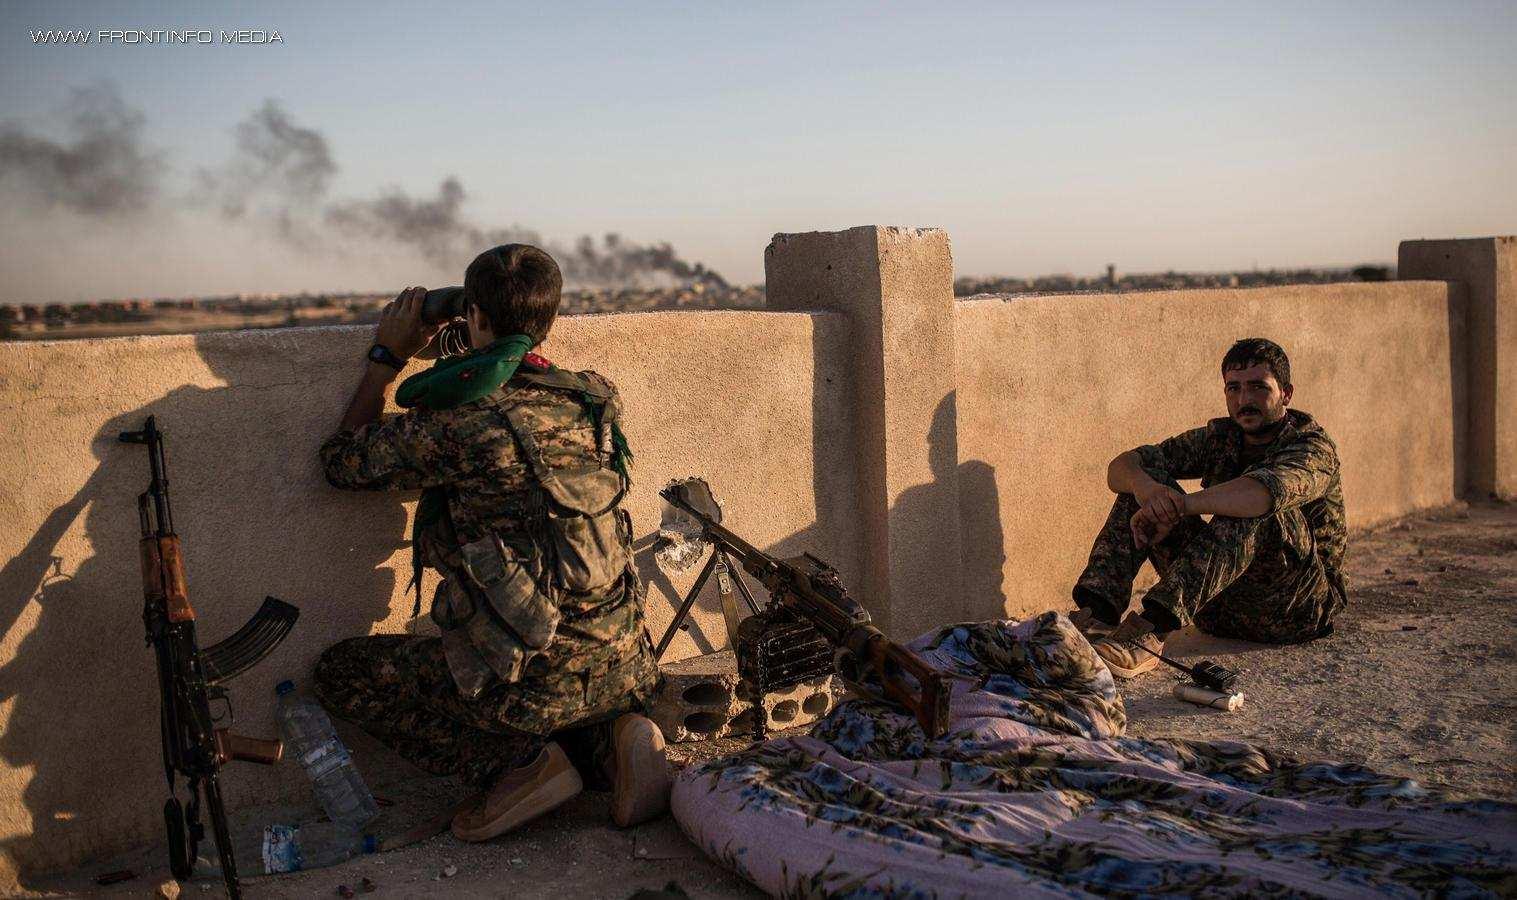 СШАобъявили информационную войну курдам? | Русская весна